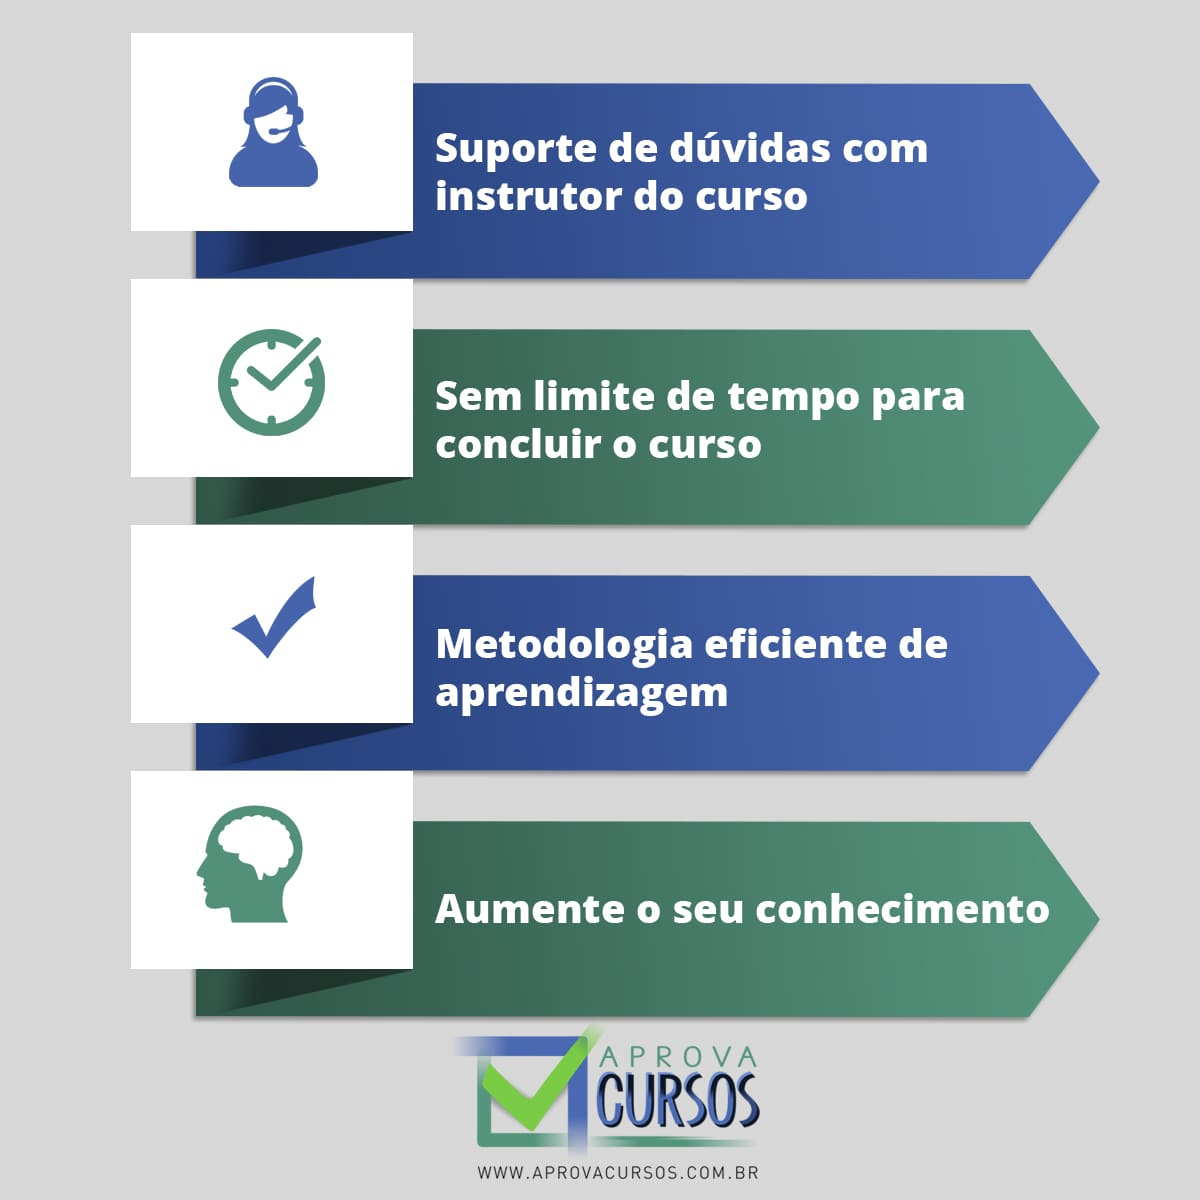 Curso Online de Massagem Desportiva com Certificado  - Aprova Cursos